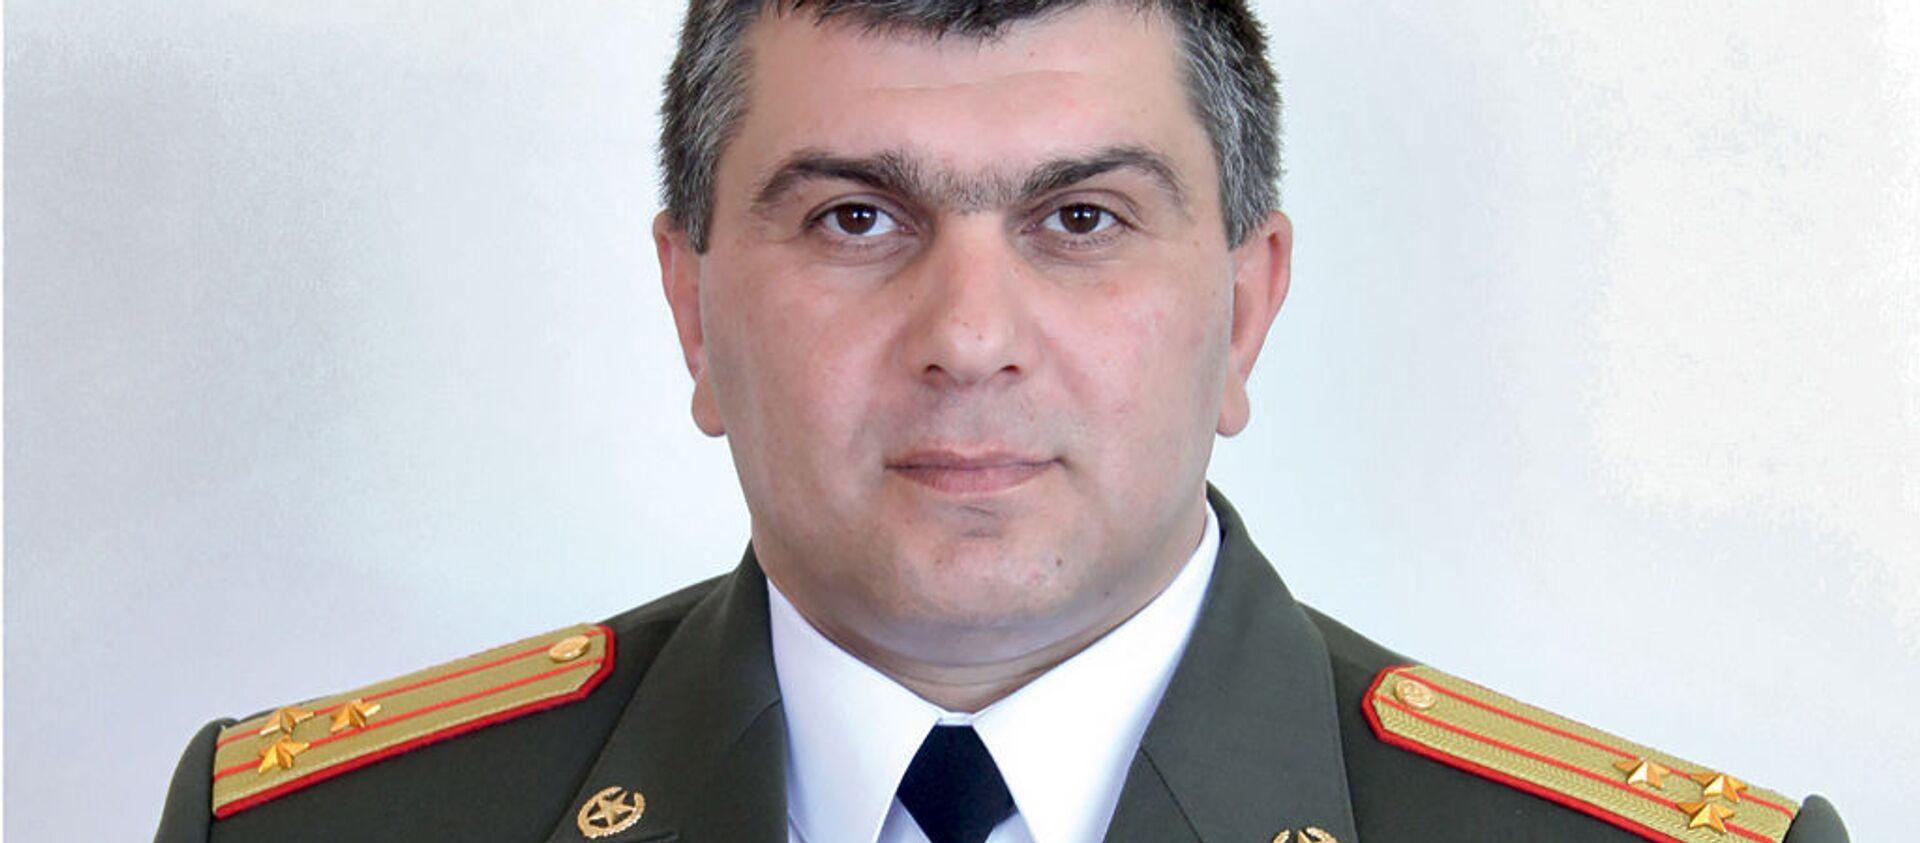 Григорий Хачатуров - Sputnik Армения, 1920, 04.07.2021